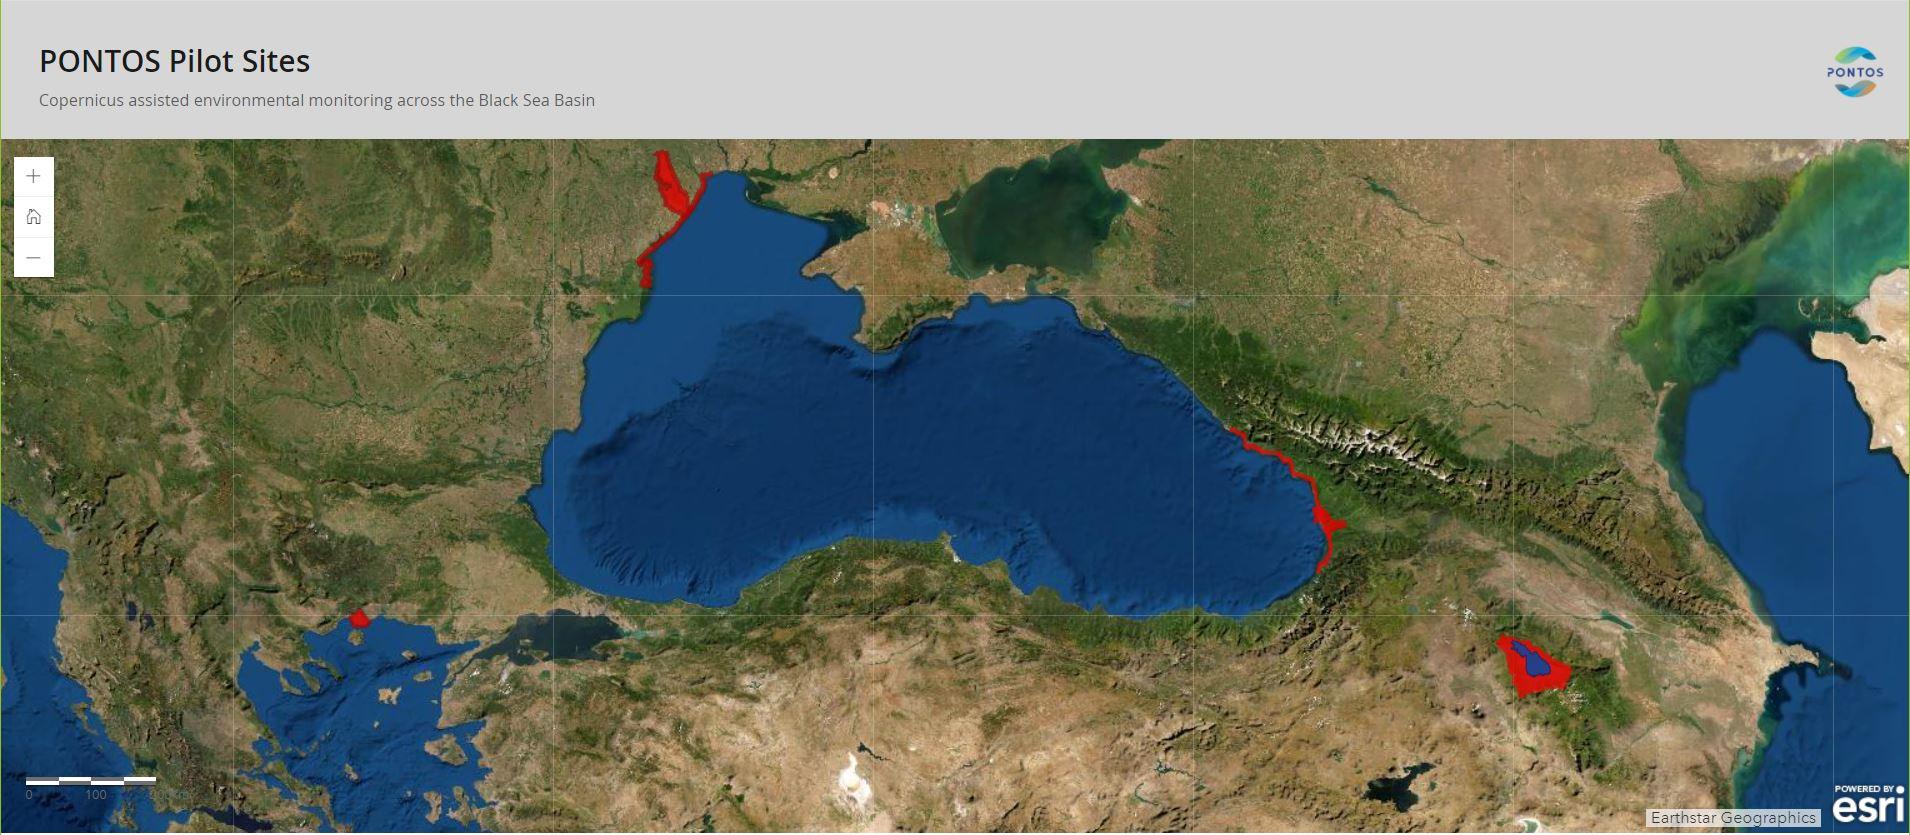 Map of Pontos Pilot Sites(Coastal Line of Ukraine in Black Sea from Odesa City to Danube river delta, Dniester river delta, Coastal line of Georgia in Black Sea, Kolkheti Lowlands, Sevan Lake)